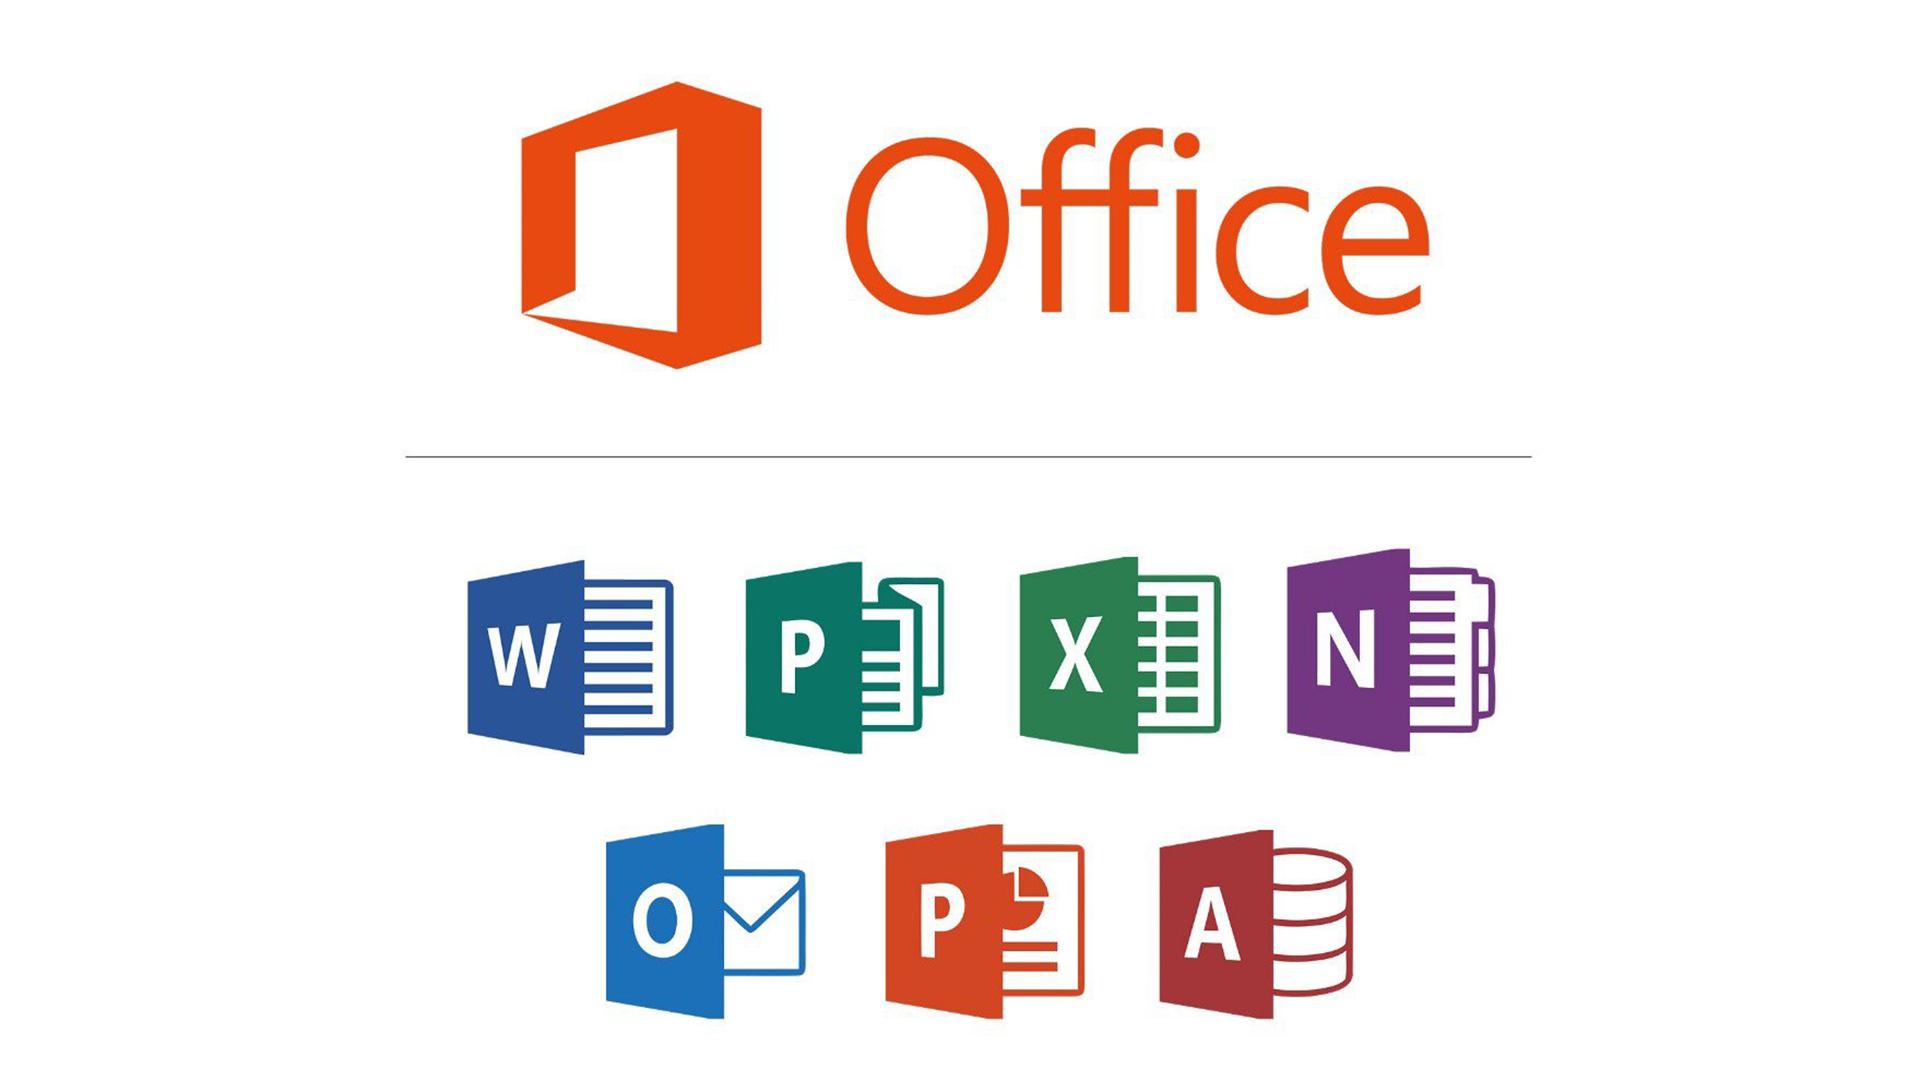 office_logos-jpg.11919